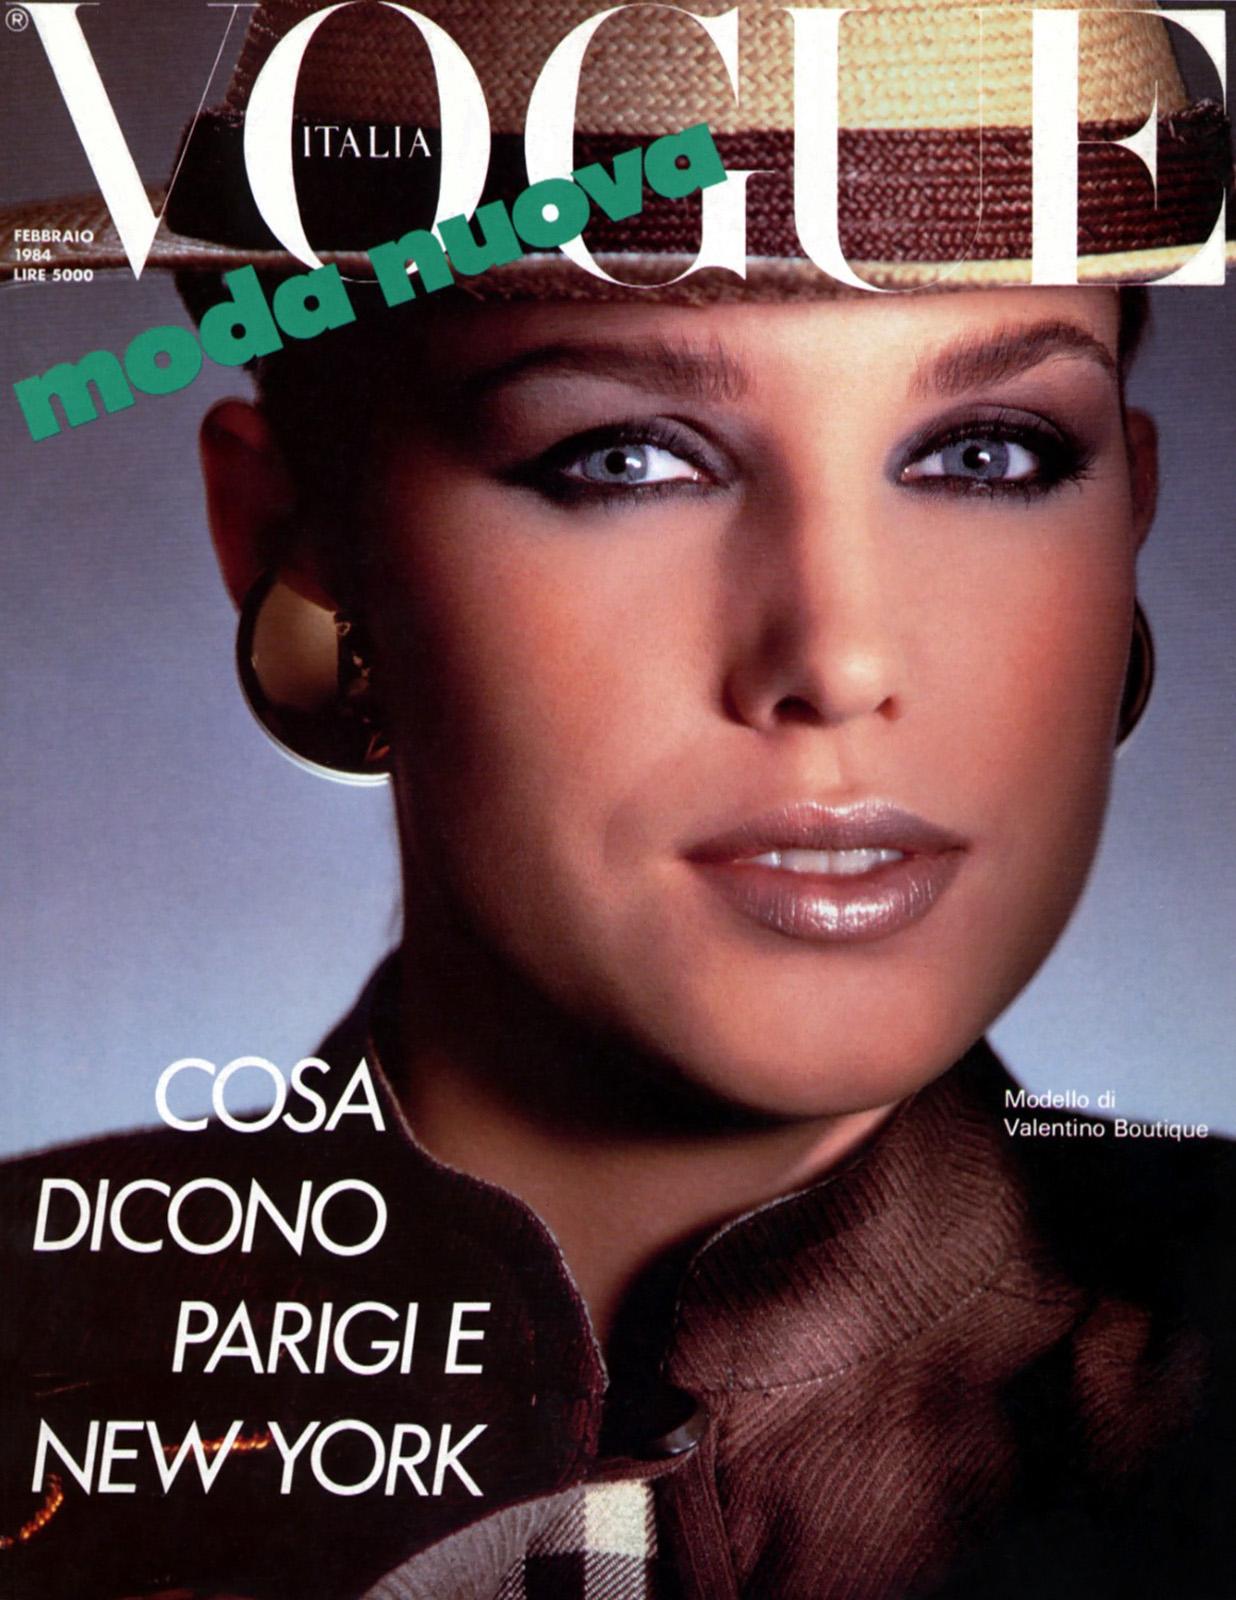 http://2.bp.blogspot.com/-8IQnFUPiraM/TbpL_b5AdgI/AAAAAAAAC7w/8ULRVGCLVh8/s1600/1600-ANETTE-ITALIAN-COVER-FEB-1984-VOGUE-SPIRIT-BLOG.jpg